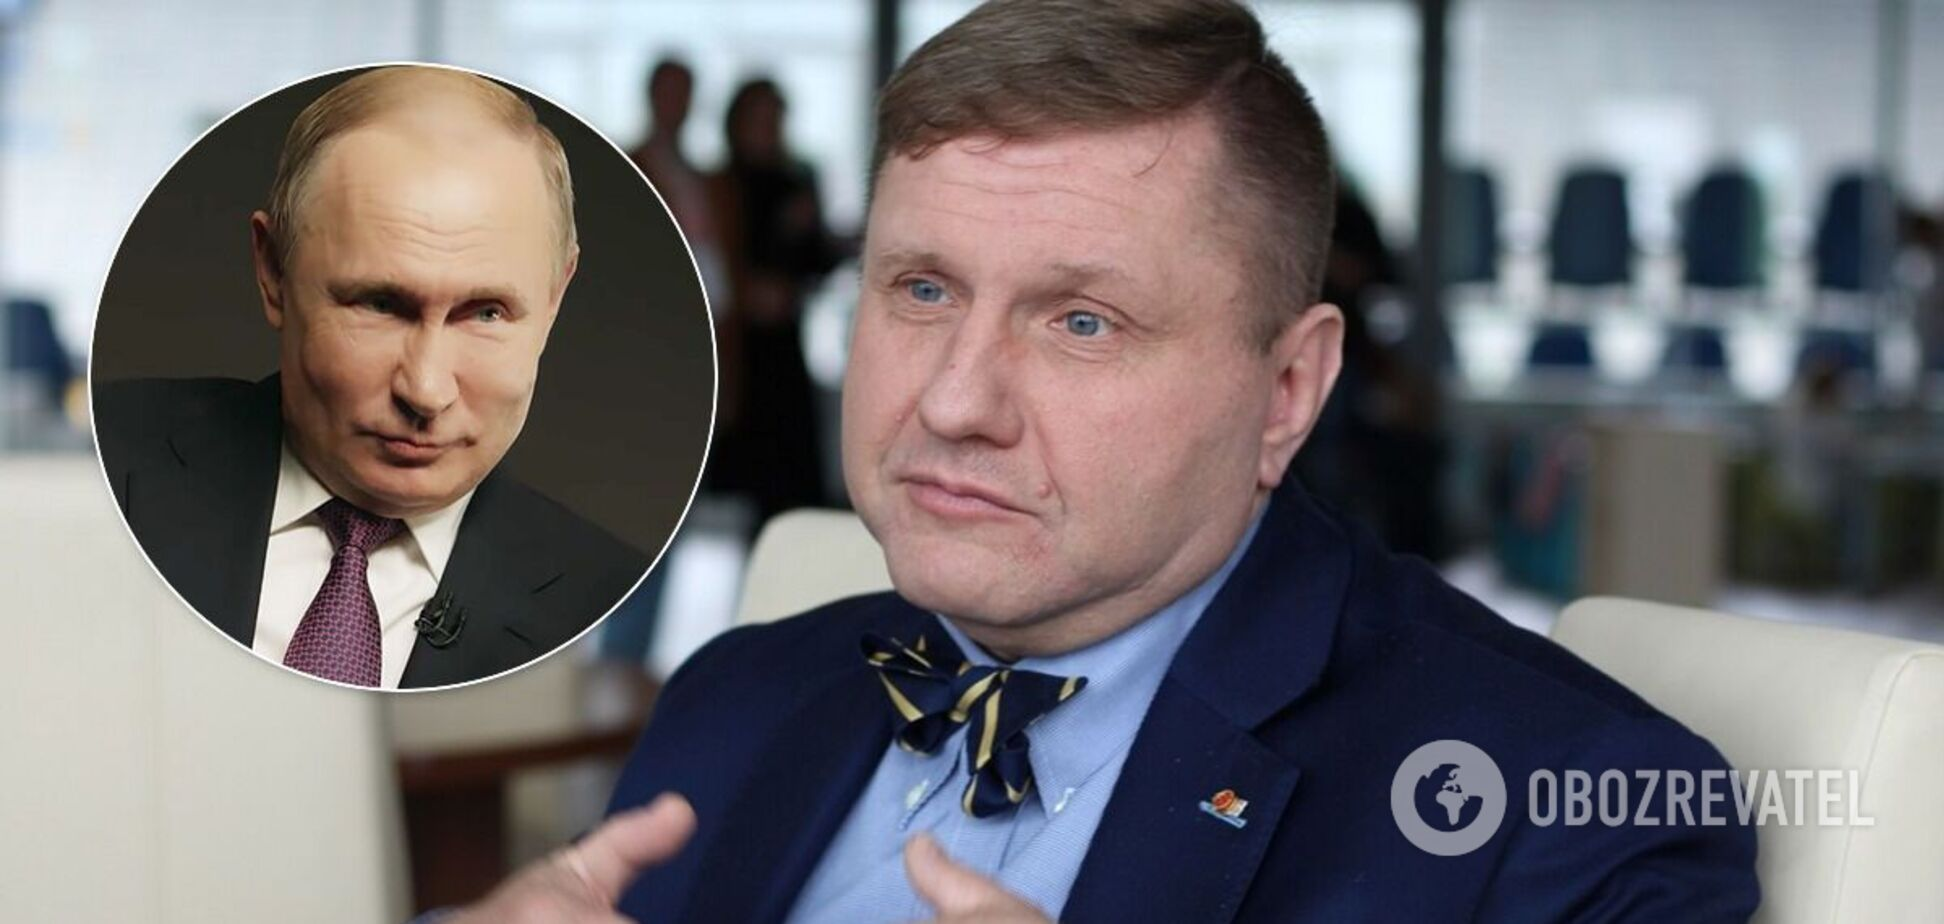 Путіна влаштовує ситуація з Донбасом, Кремль хоче домовлятися з українськими олігархами, – Еггерт